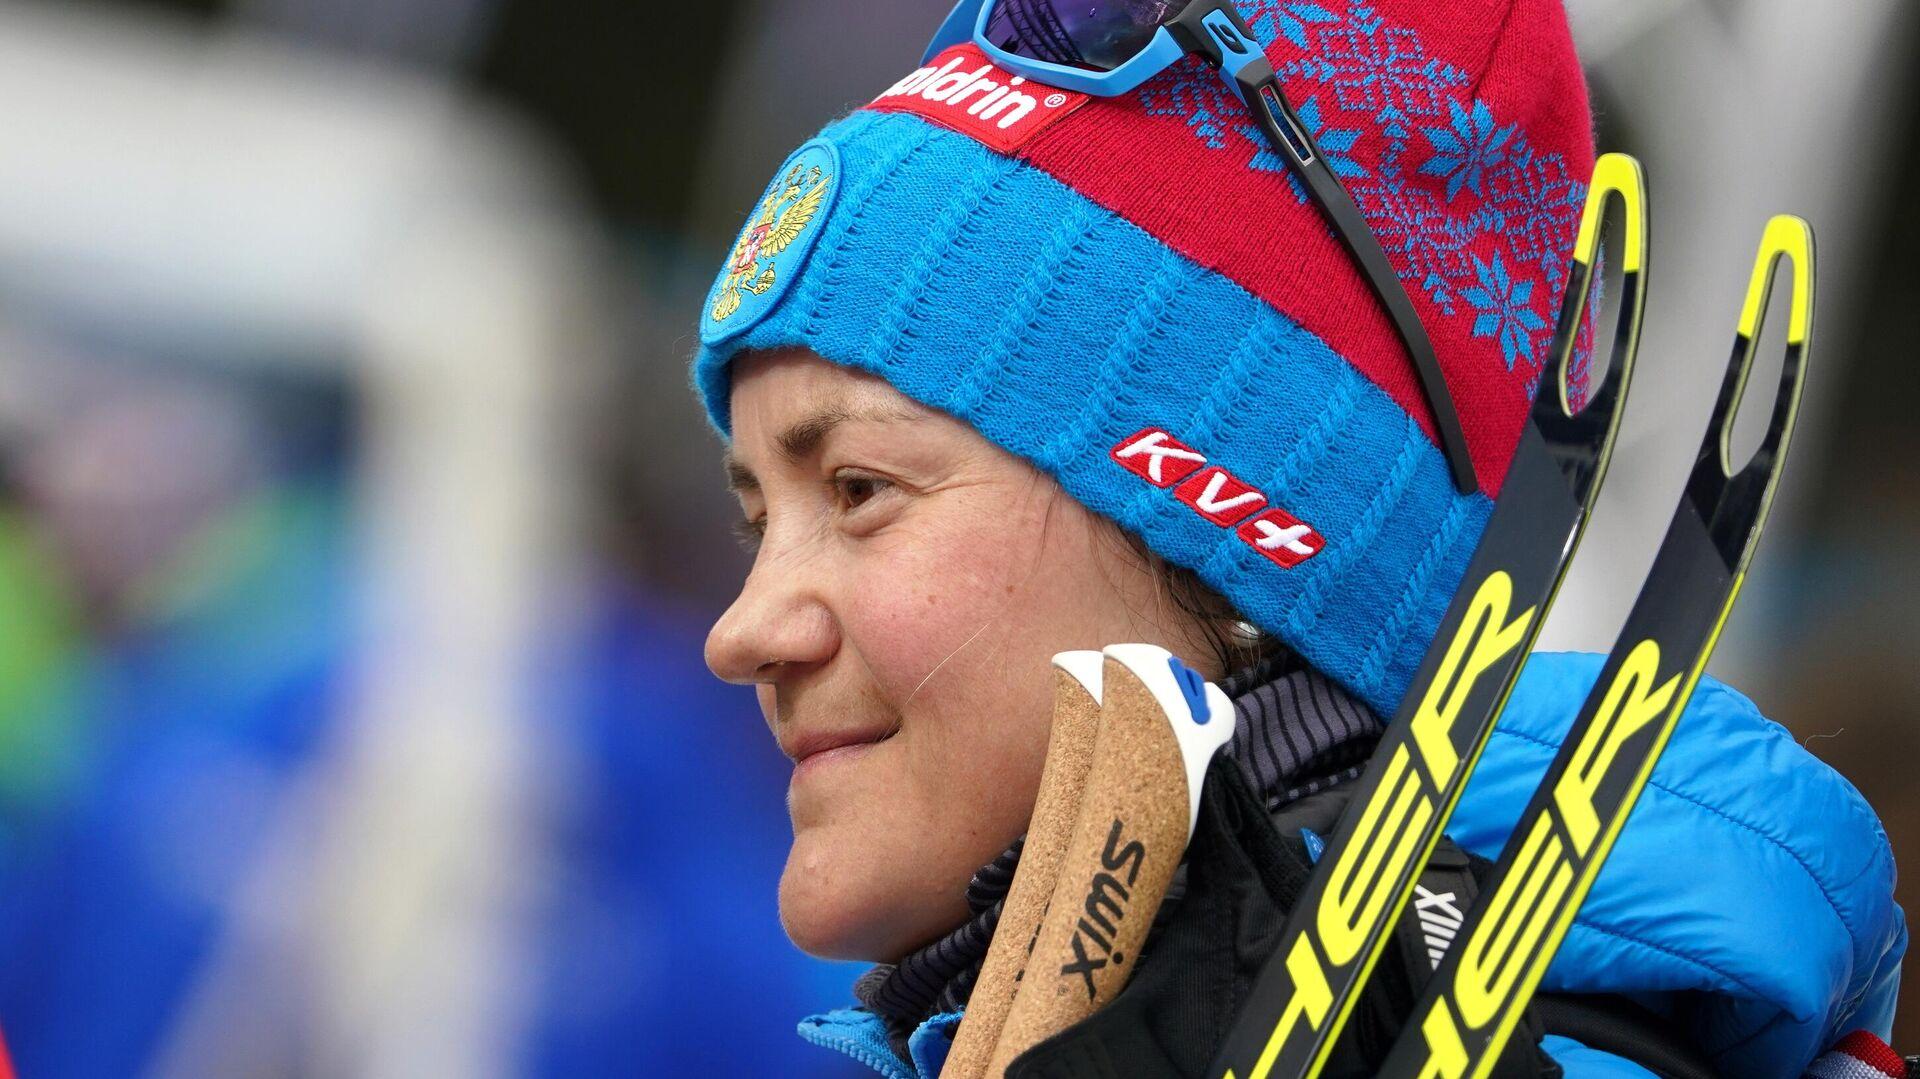 Биатлонистка Екатерина Юрлова-Перхт (Россия)  - РИА Новости, 1920, 18.11.2020